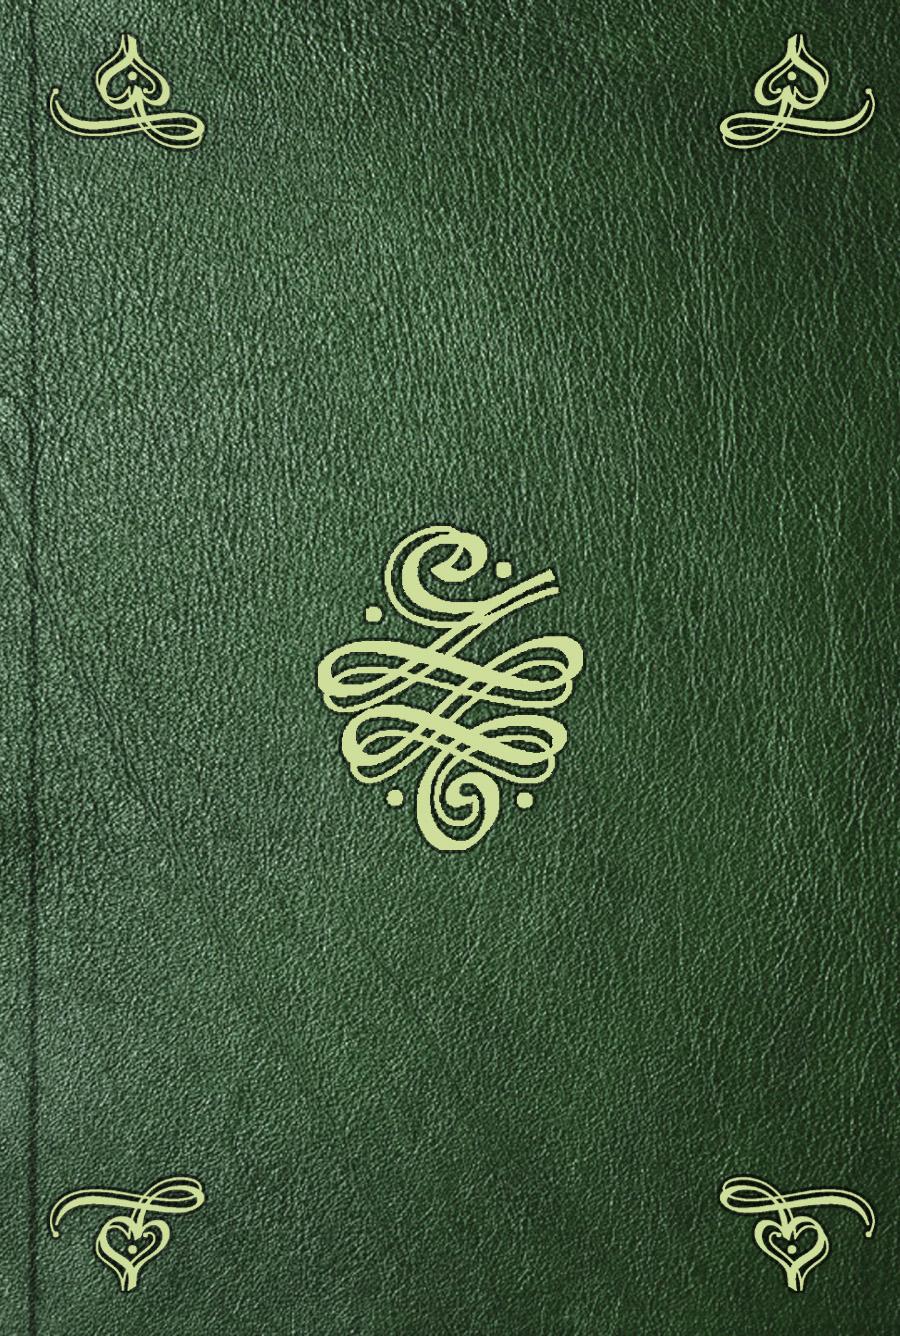 Gotthelf Fischer Essai sur la turquoise et sur la calaite la rumeur l ombre sur la mesure 2 cd